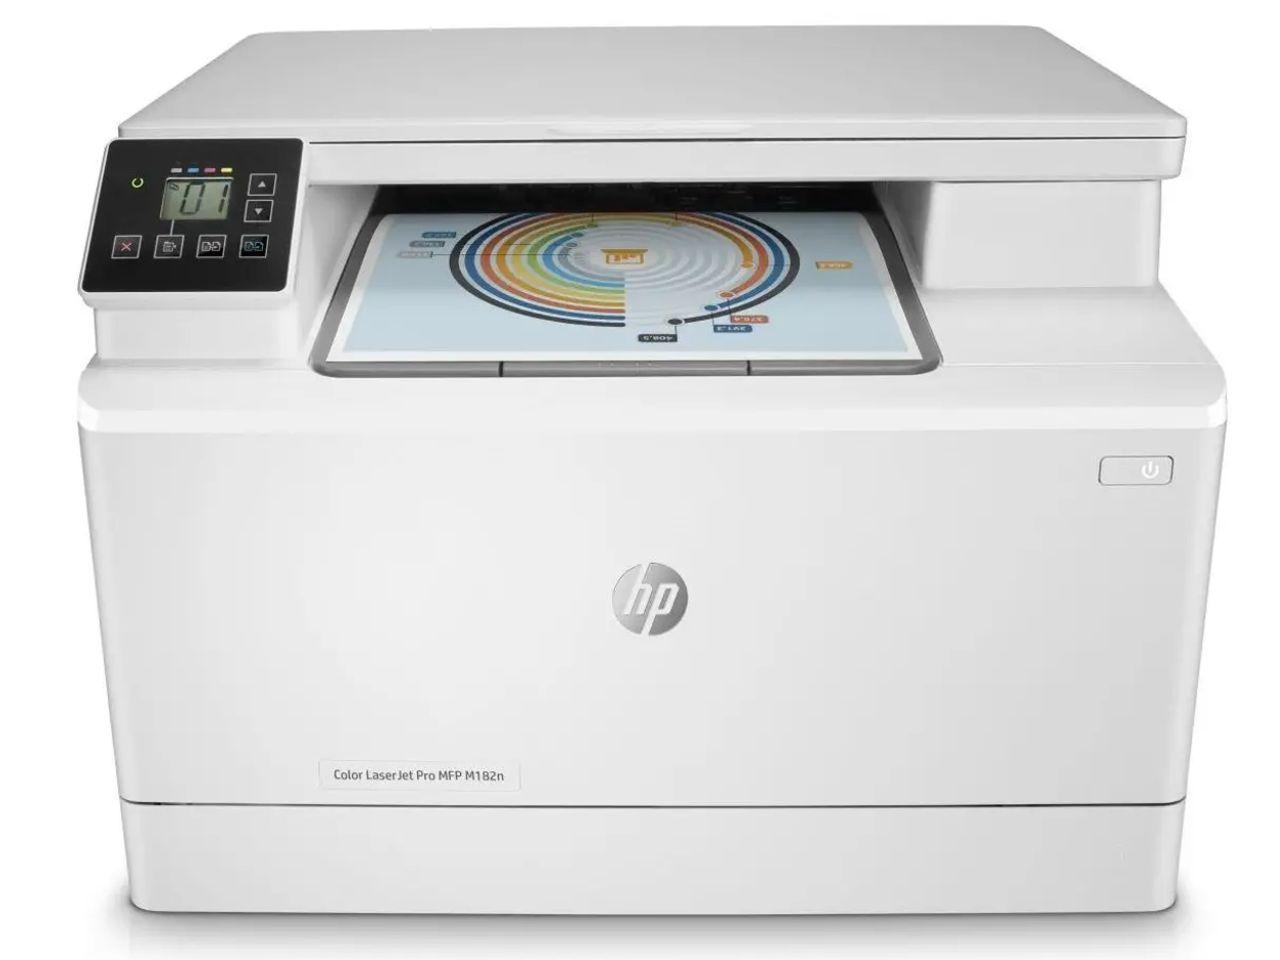 HP Color LaserJet Pro MFP M182n (7KW54A) + 200 Kč na dárky nebo další nákup   CHAT on-line podpora PO-PÁ 8-22.00!!